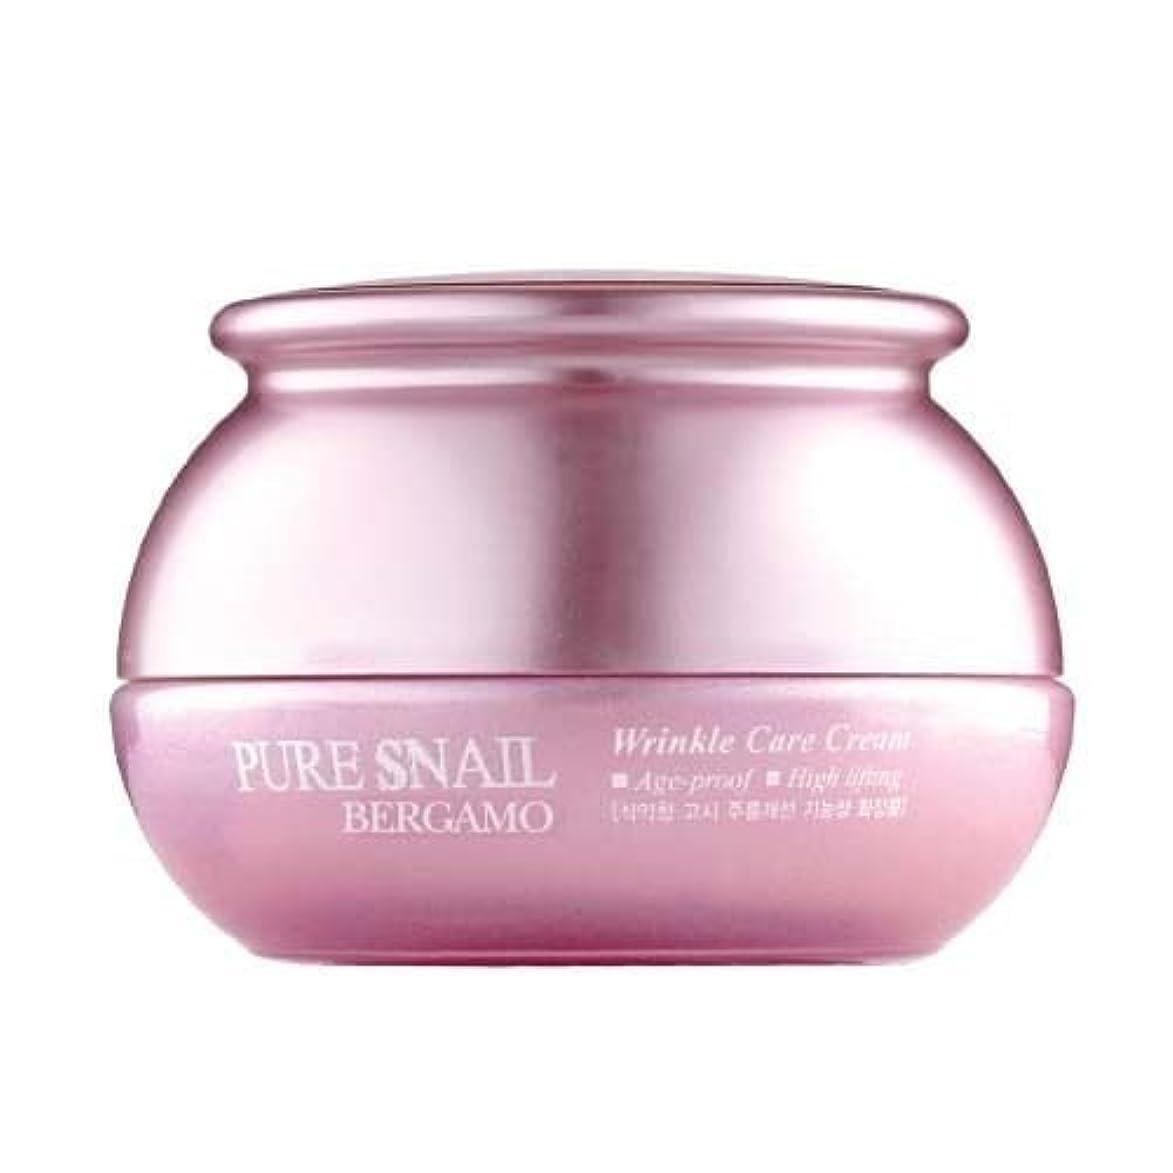 衰える栄光ビバベルガモ[韓国コスメBergamo]Pure Snail Wrinkle Care Cream カタツムリリンクルケアクリーム50ml しわ管理 [並行輸入品]